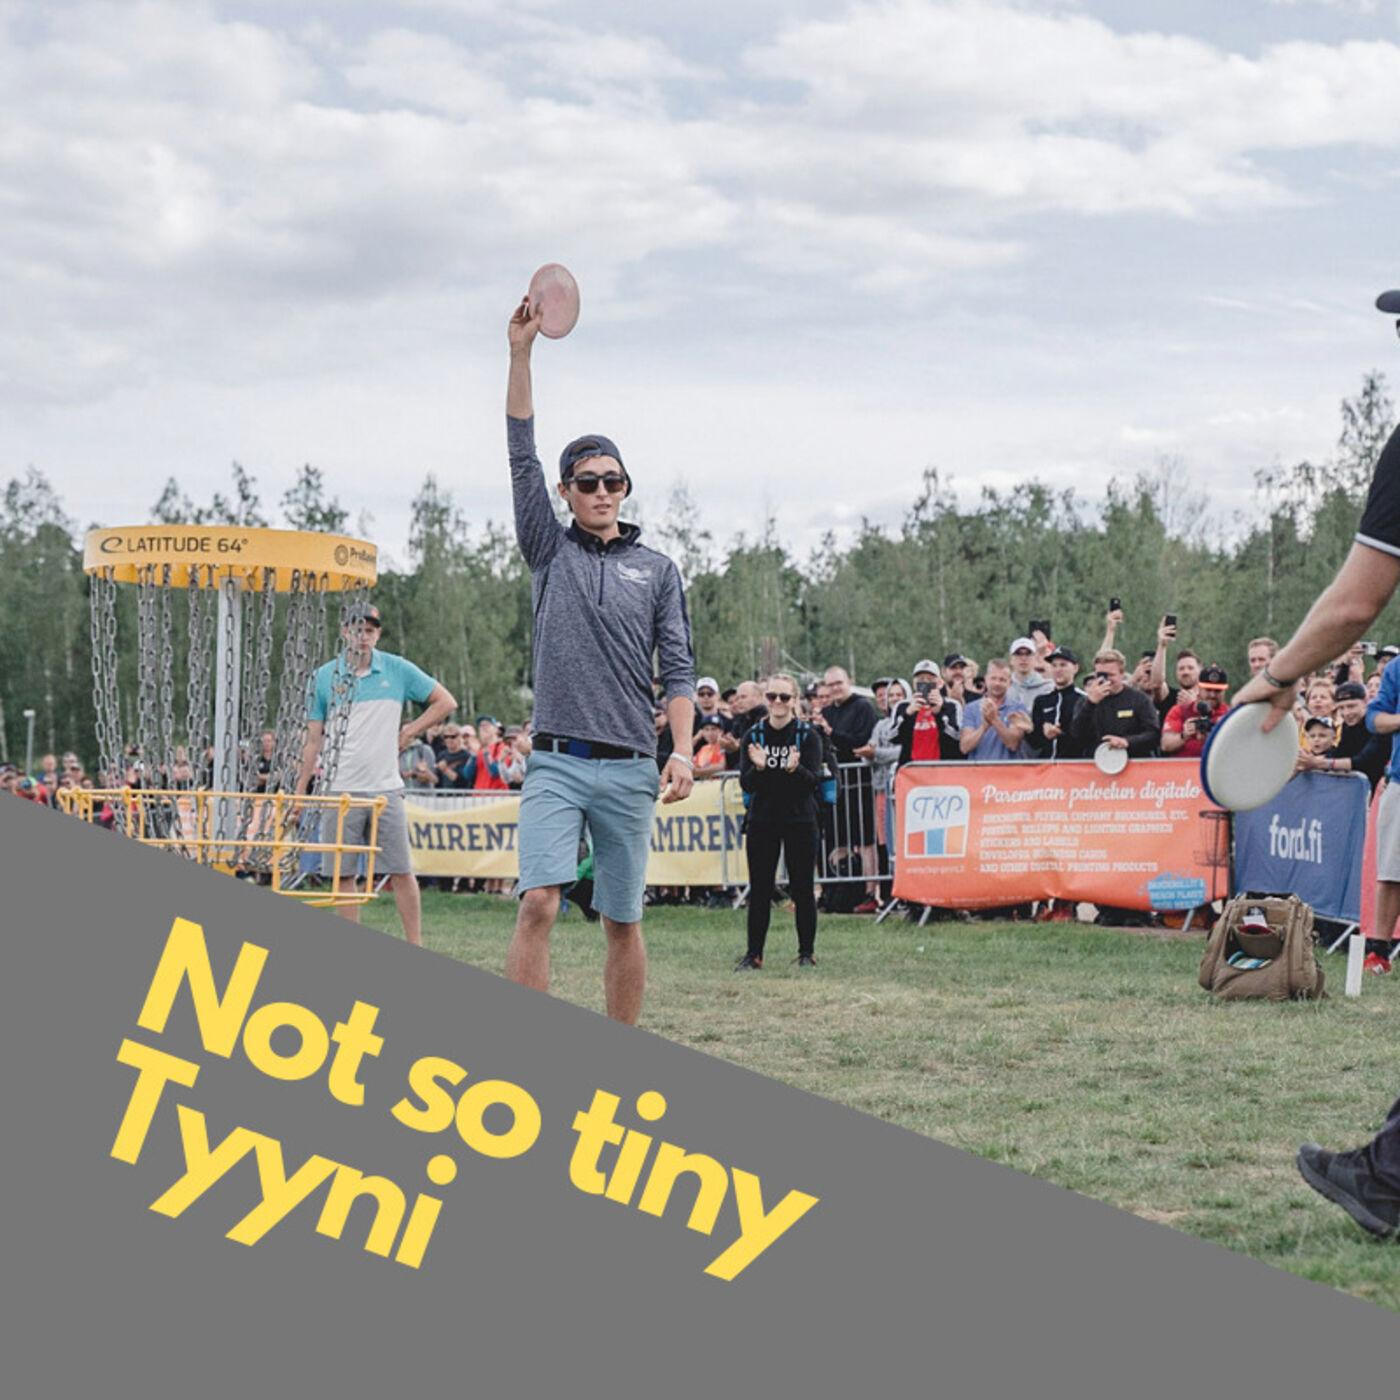 #12 - Not so tiny Tyyni